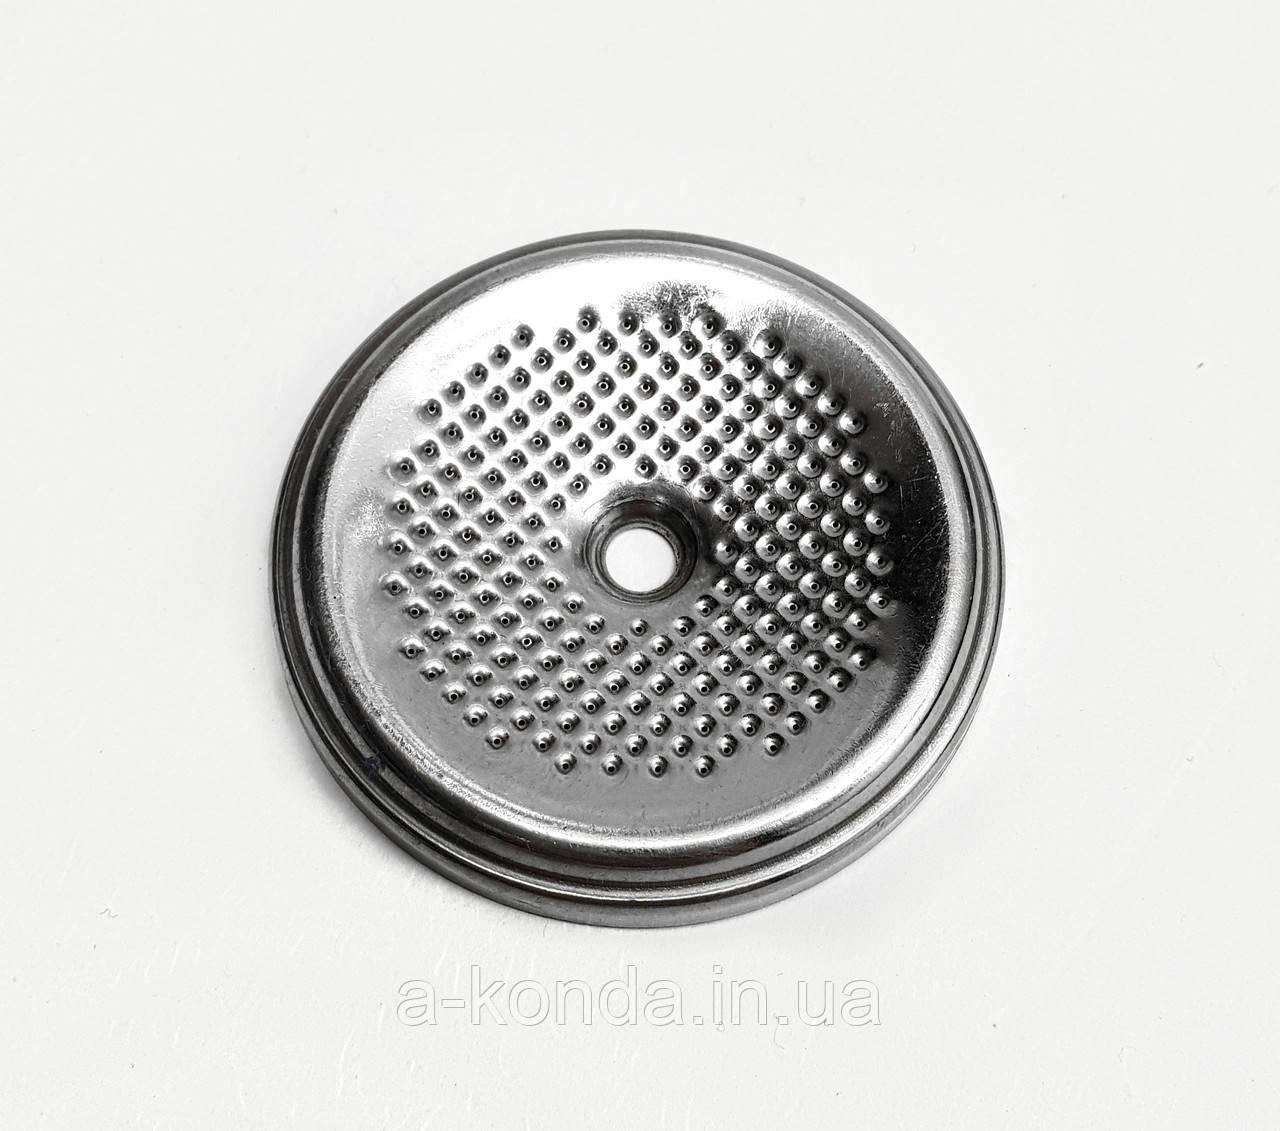 Фильтр-сито бойлера для кофеварок Zelmer 613201.2054 759853